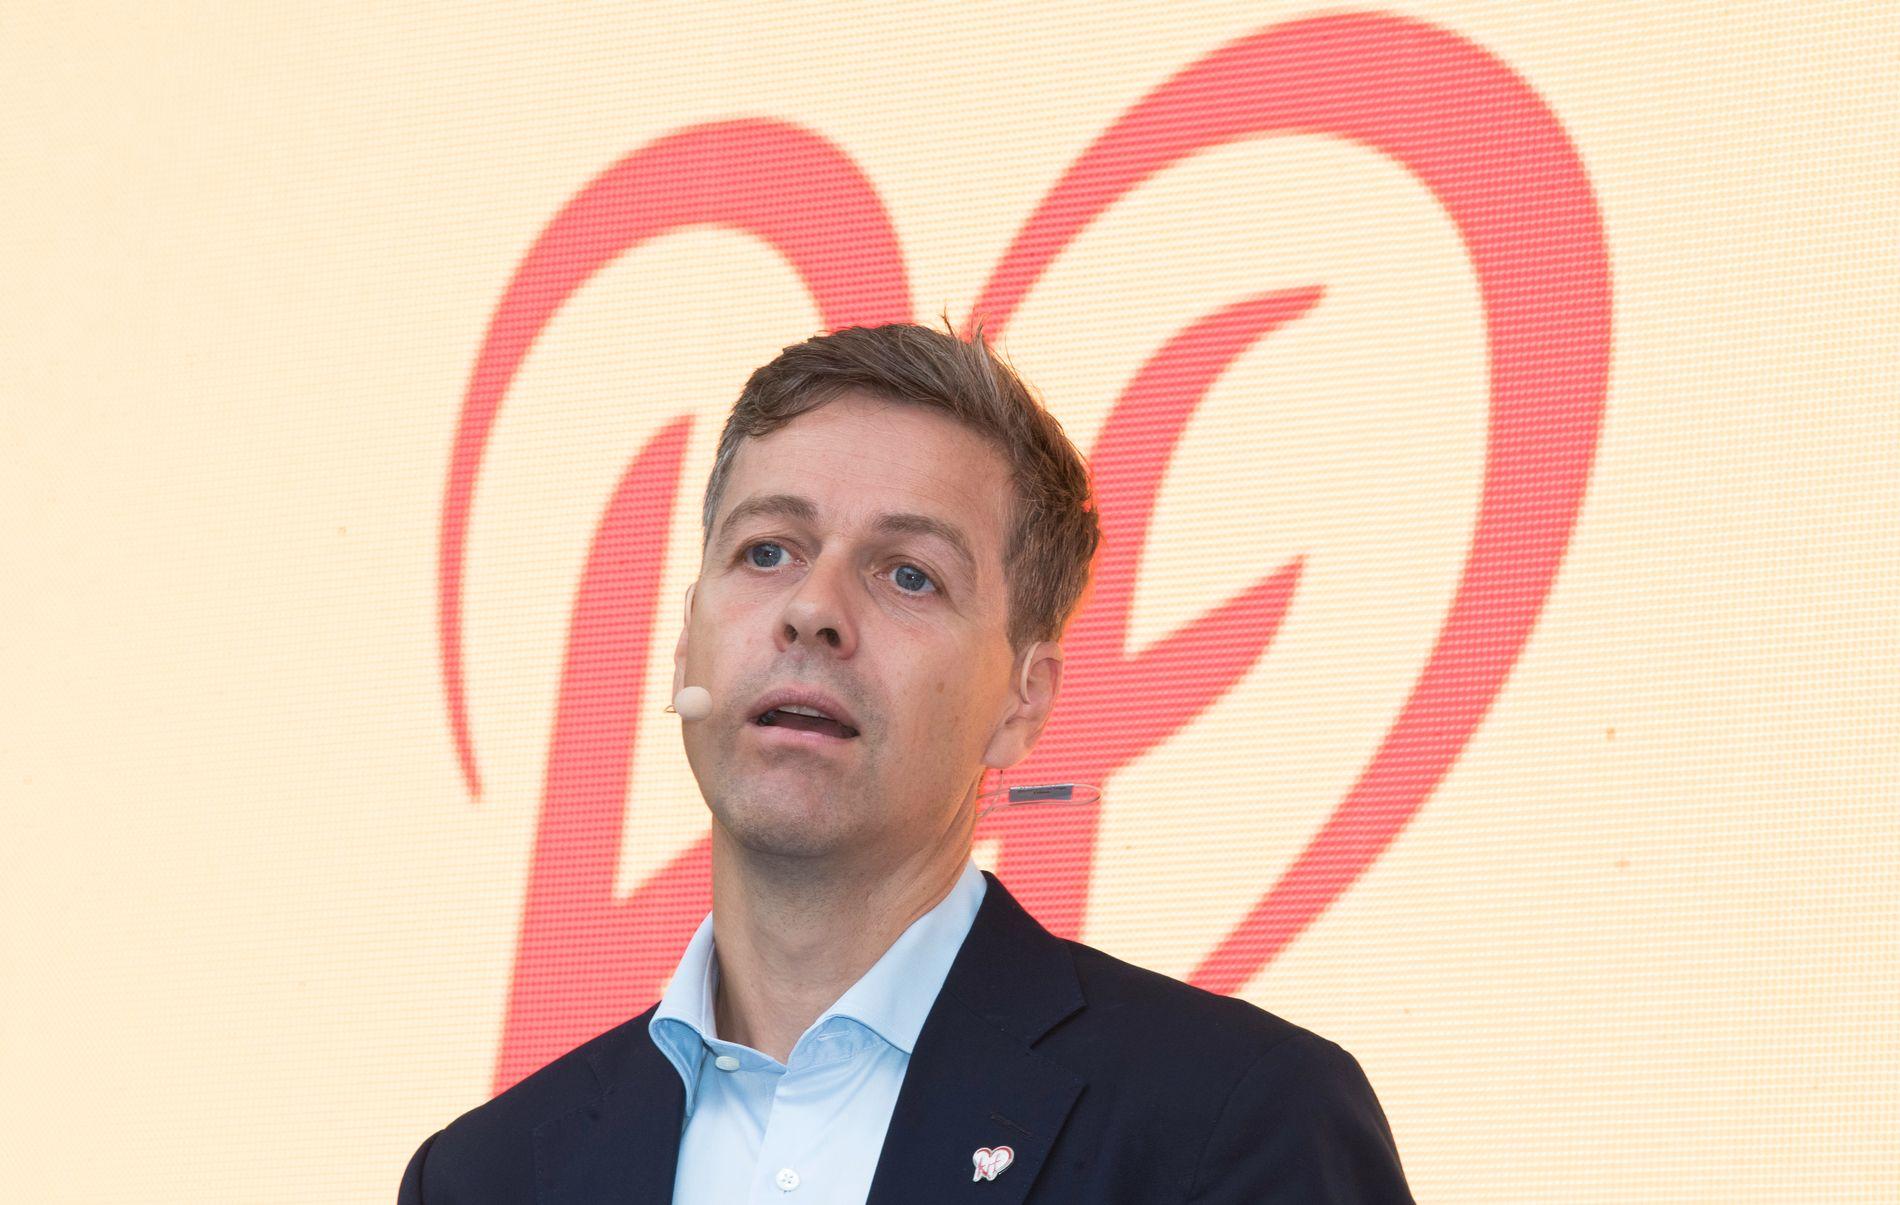 FOR DÅRLIG: 3,7 prosent er for dårlig, sier KrF-leder Knut Arild Hareide.